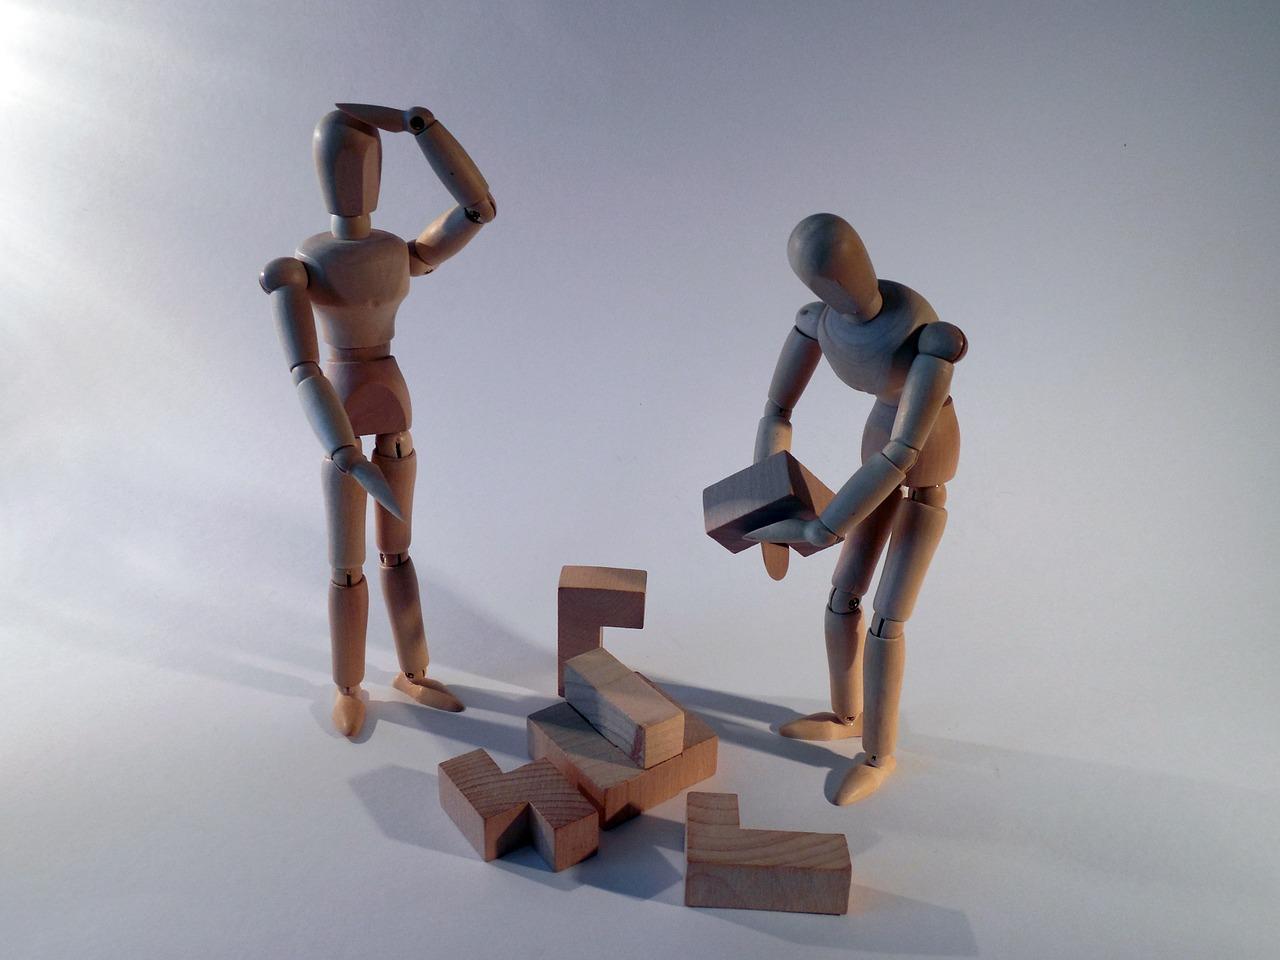 Zwei Figuren stehen vor einem Haufen Puzzleteile